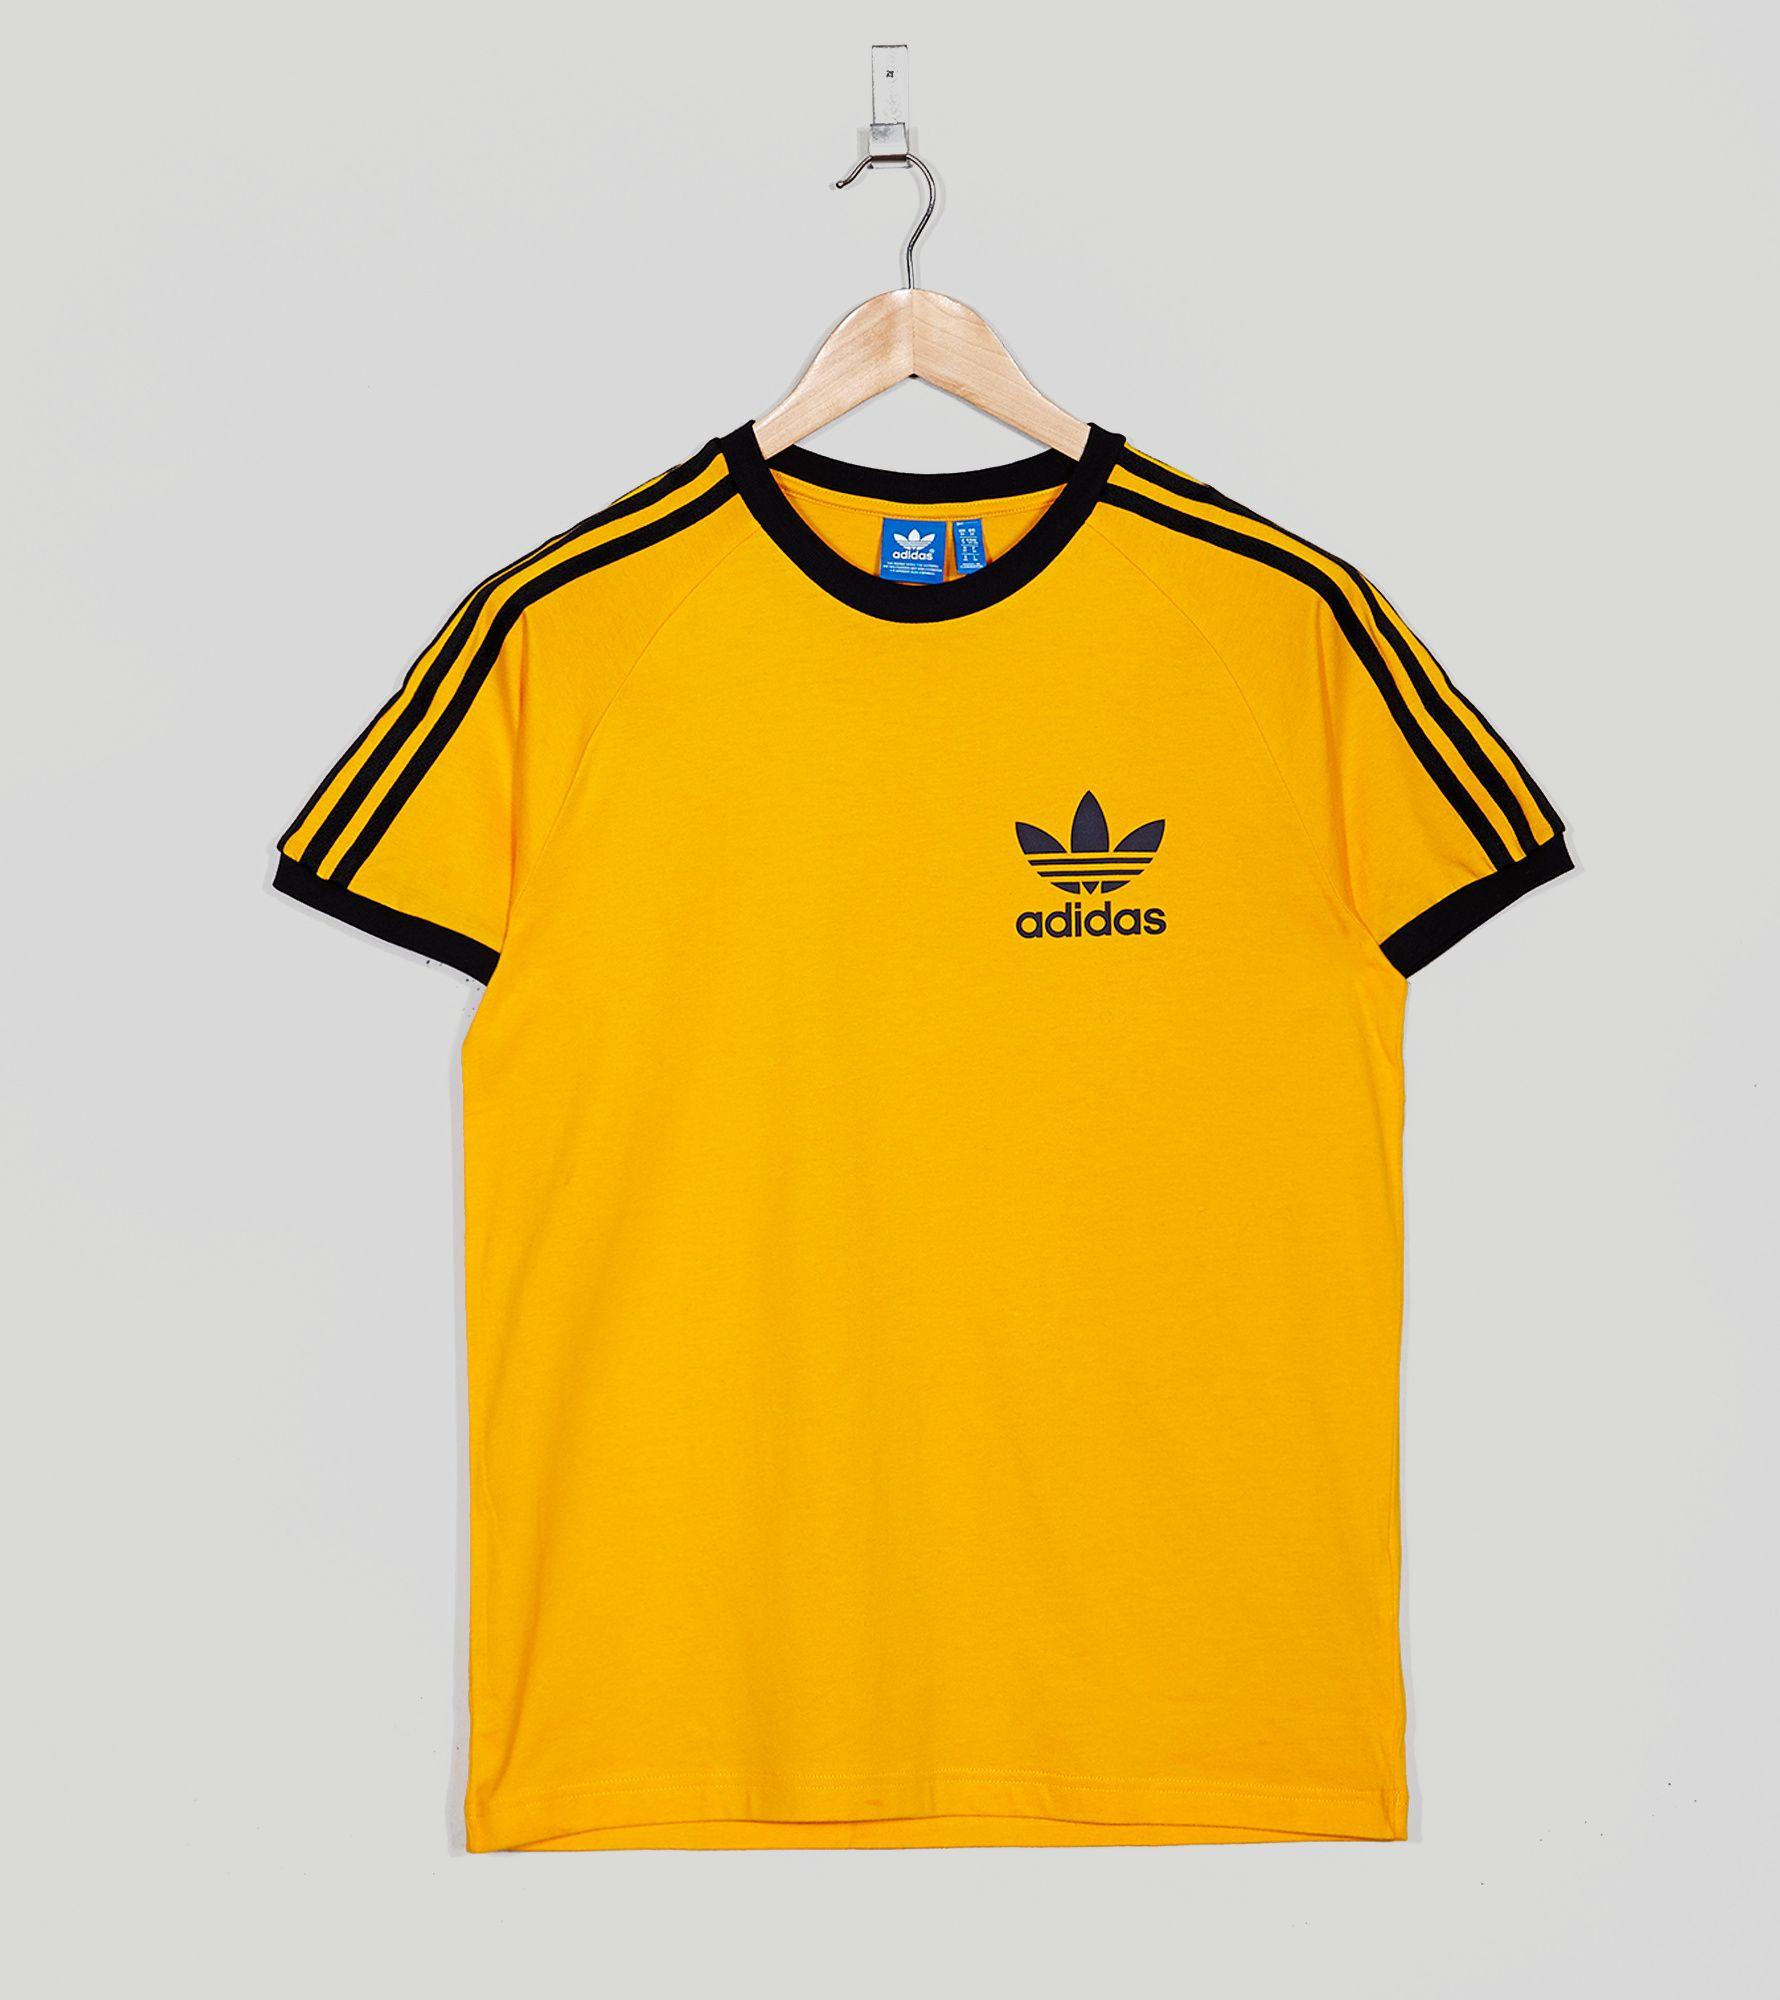 ¿Adidas Originals Originals Originals California t shirt Size? 6e61ff